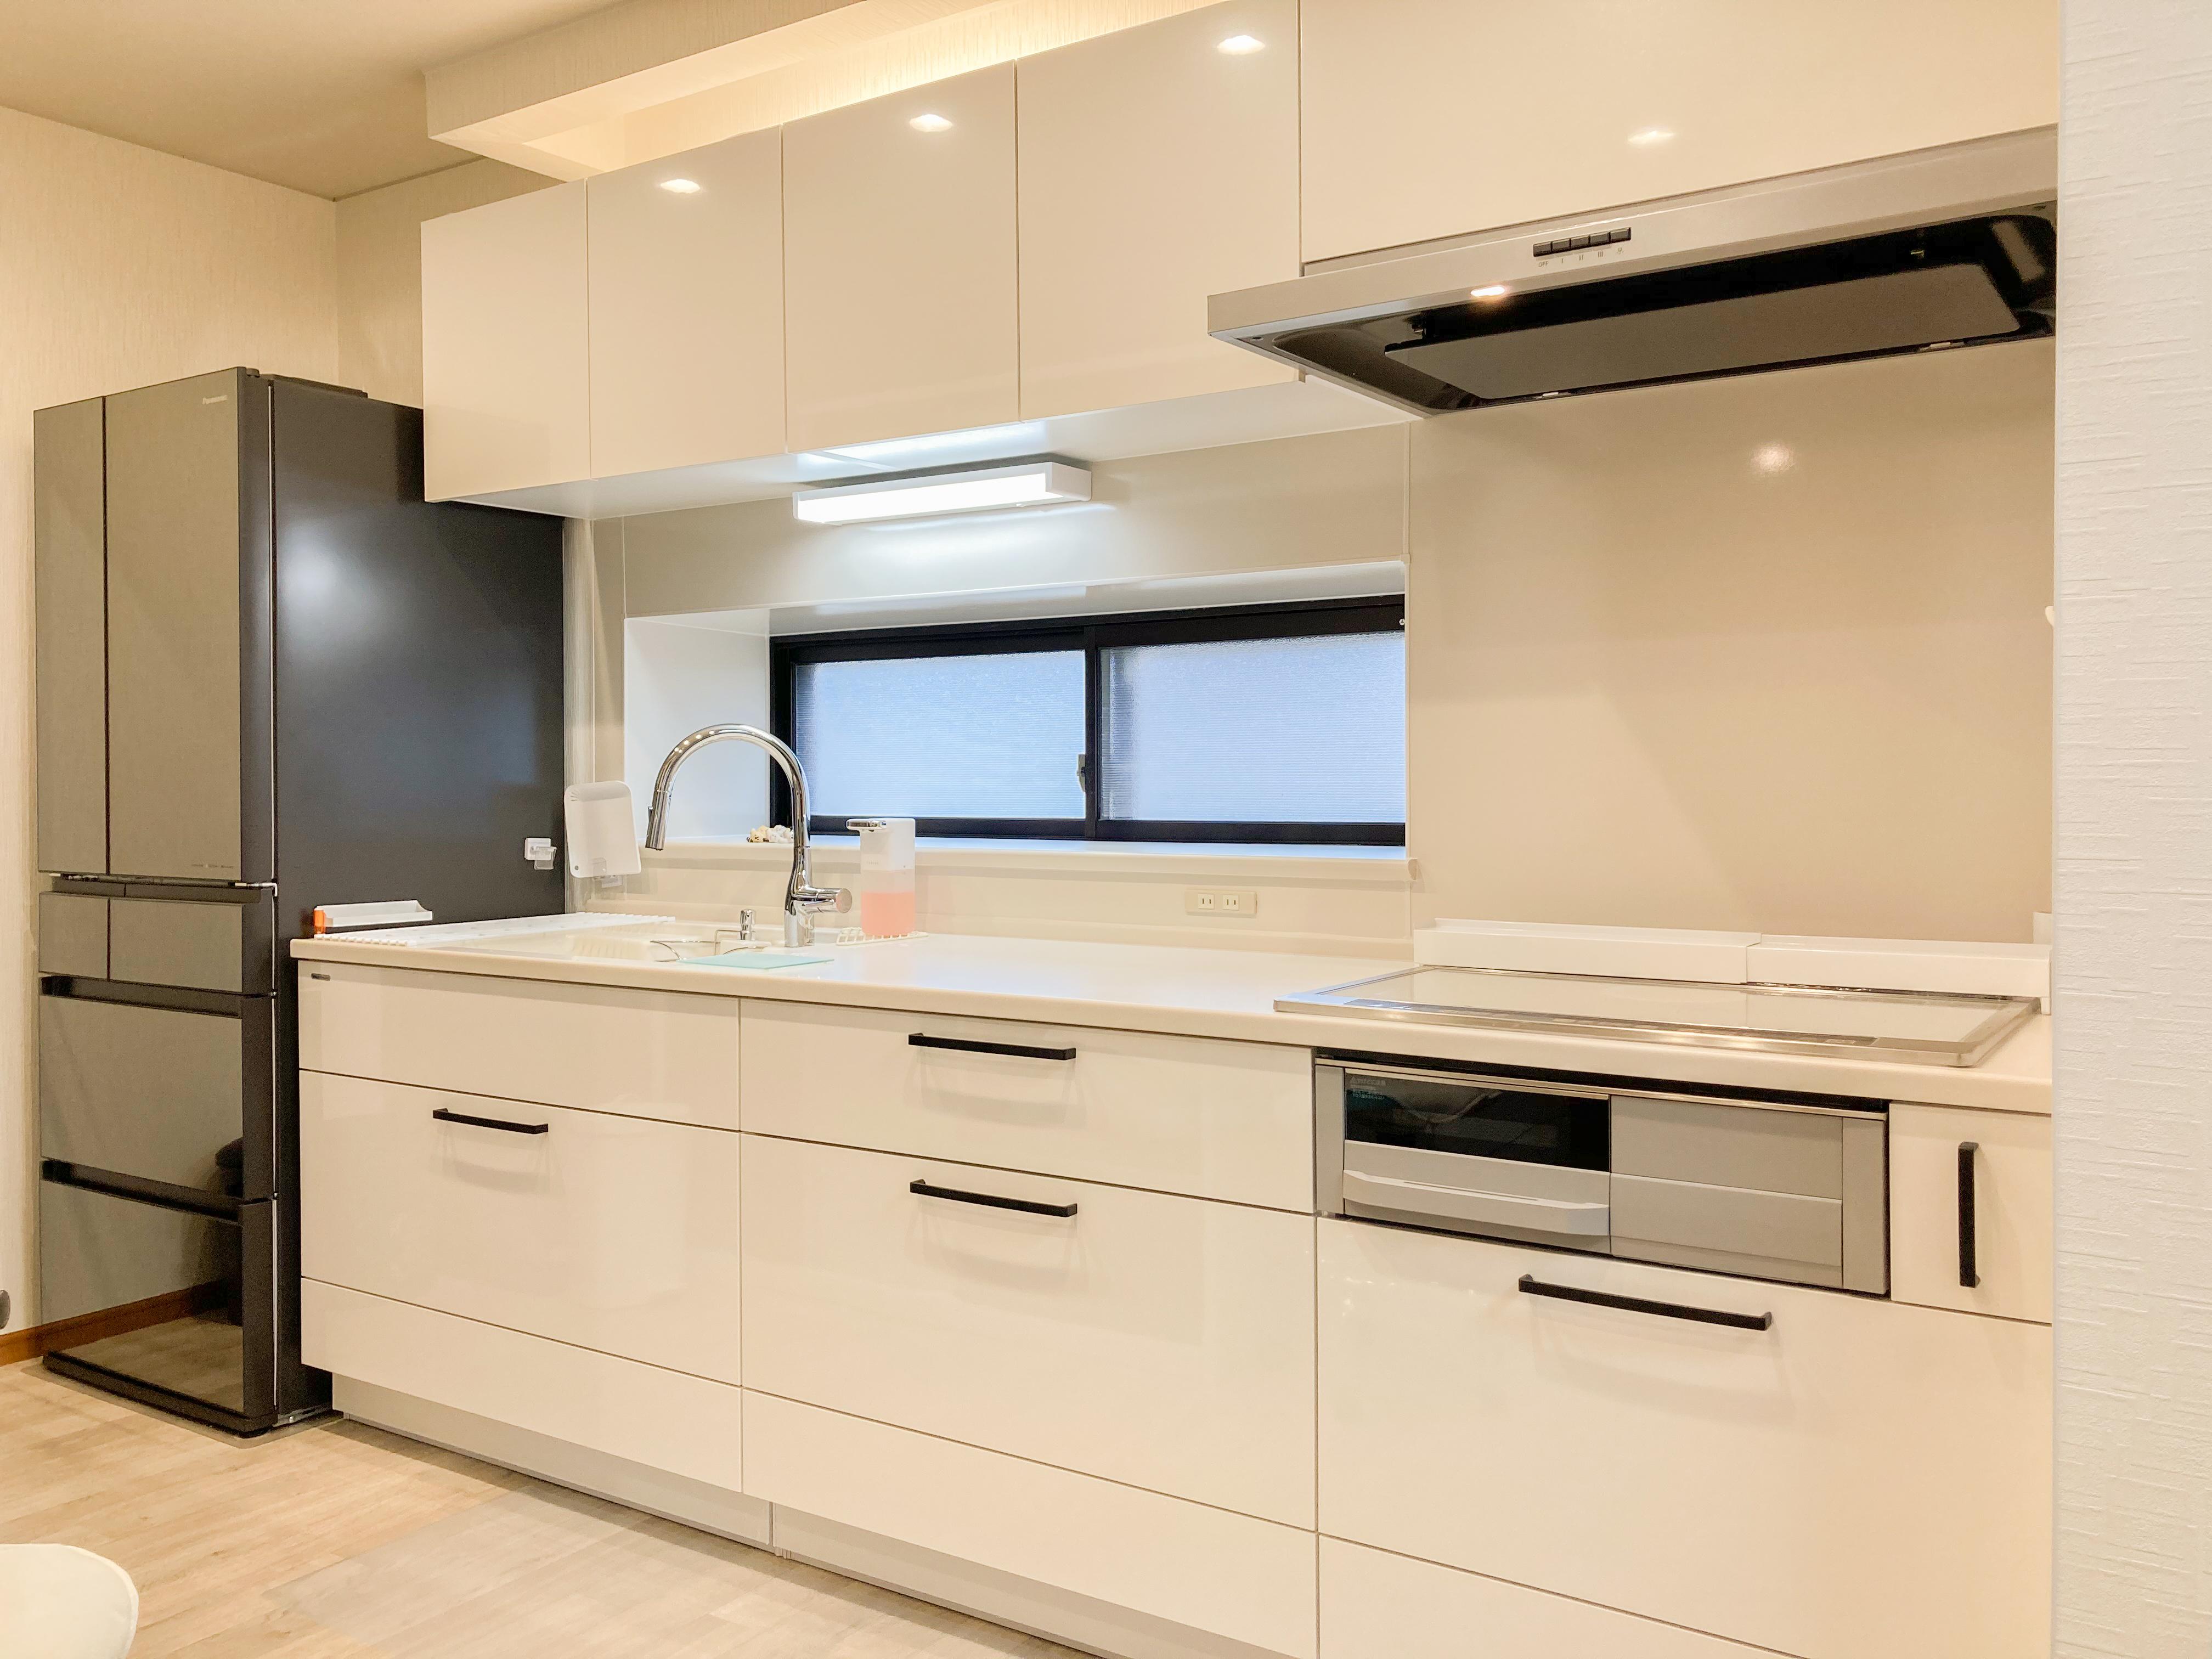 ホワイトカラーが爽やかなキッチン空間